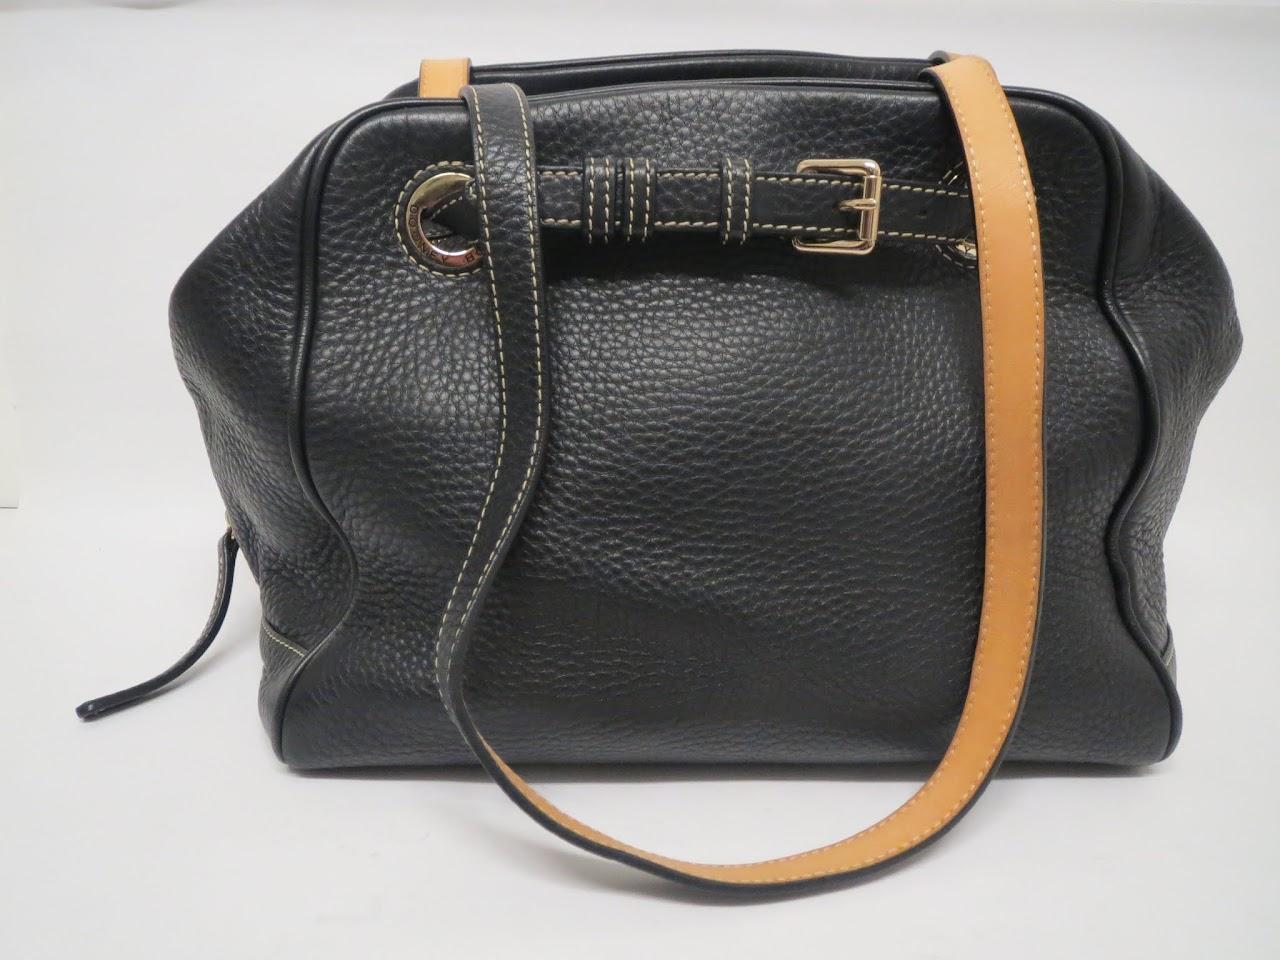 Dooney & Bourke Black Pebbled Leather Shoulder Bag